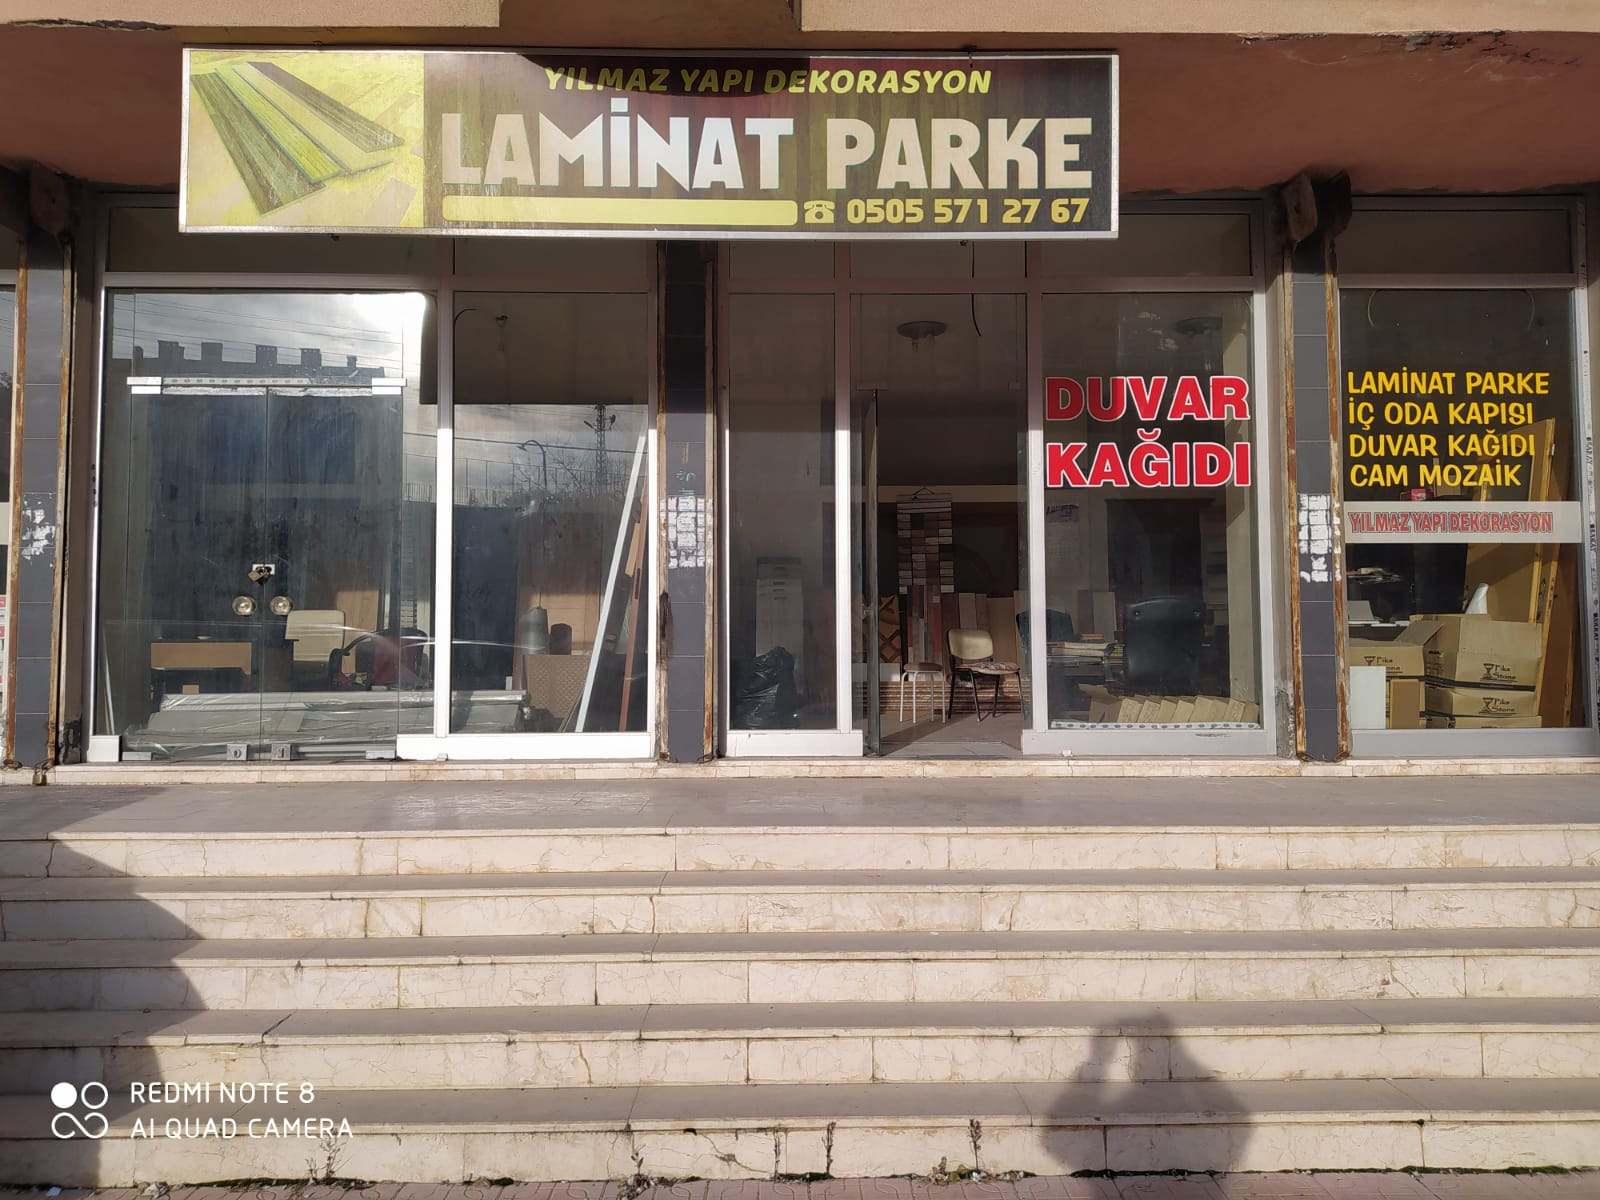 Yılmaz Yapı – 0505 571 27 67 – Yapı Dekorasyon Laminat Parke – Mardin